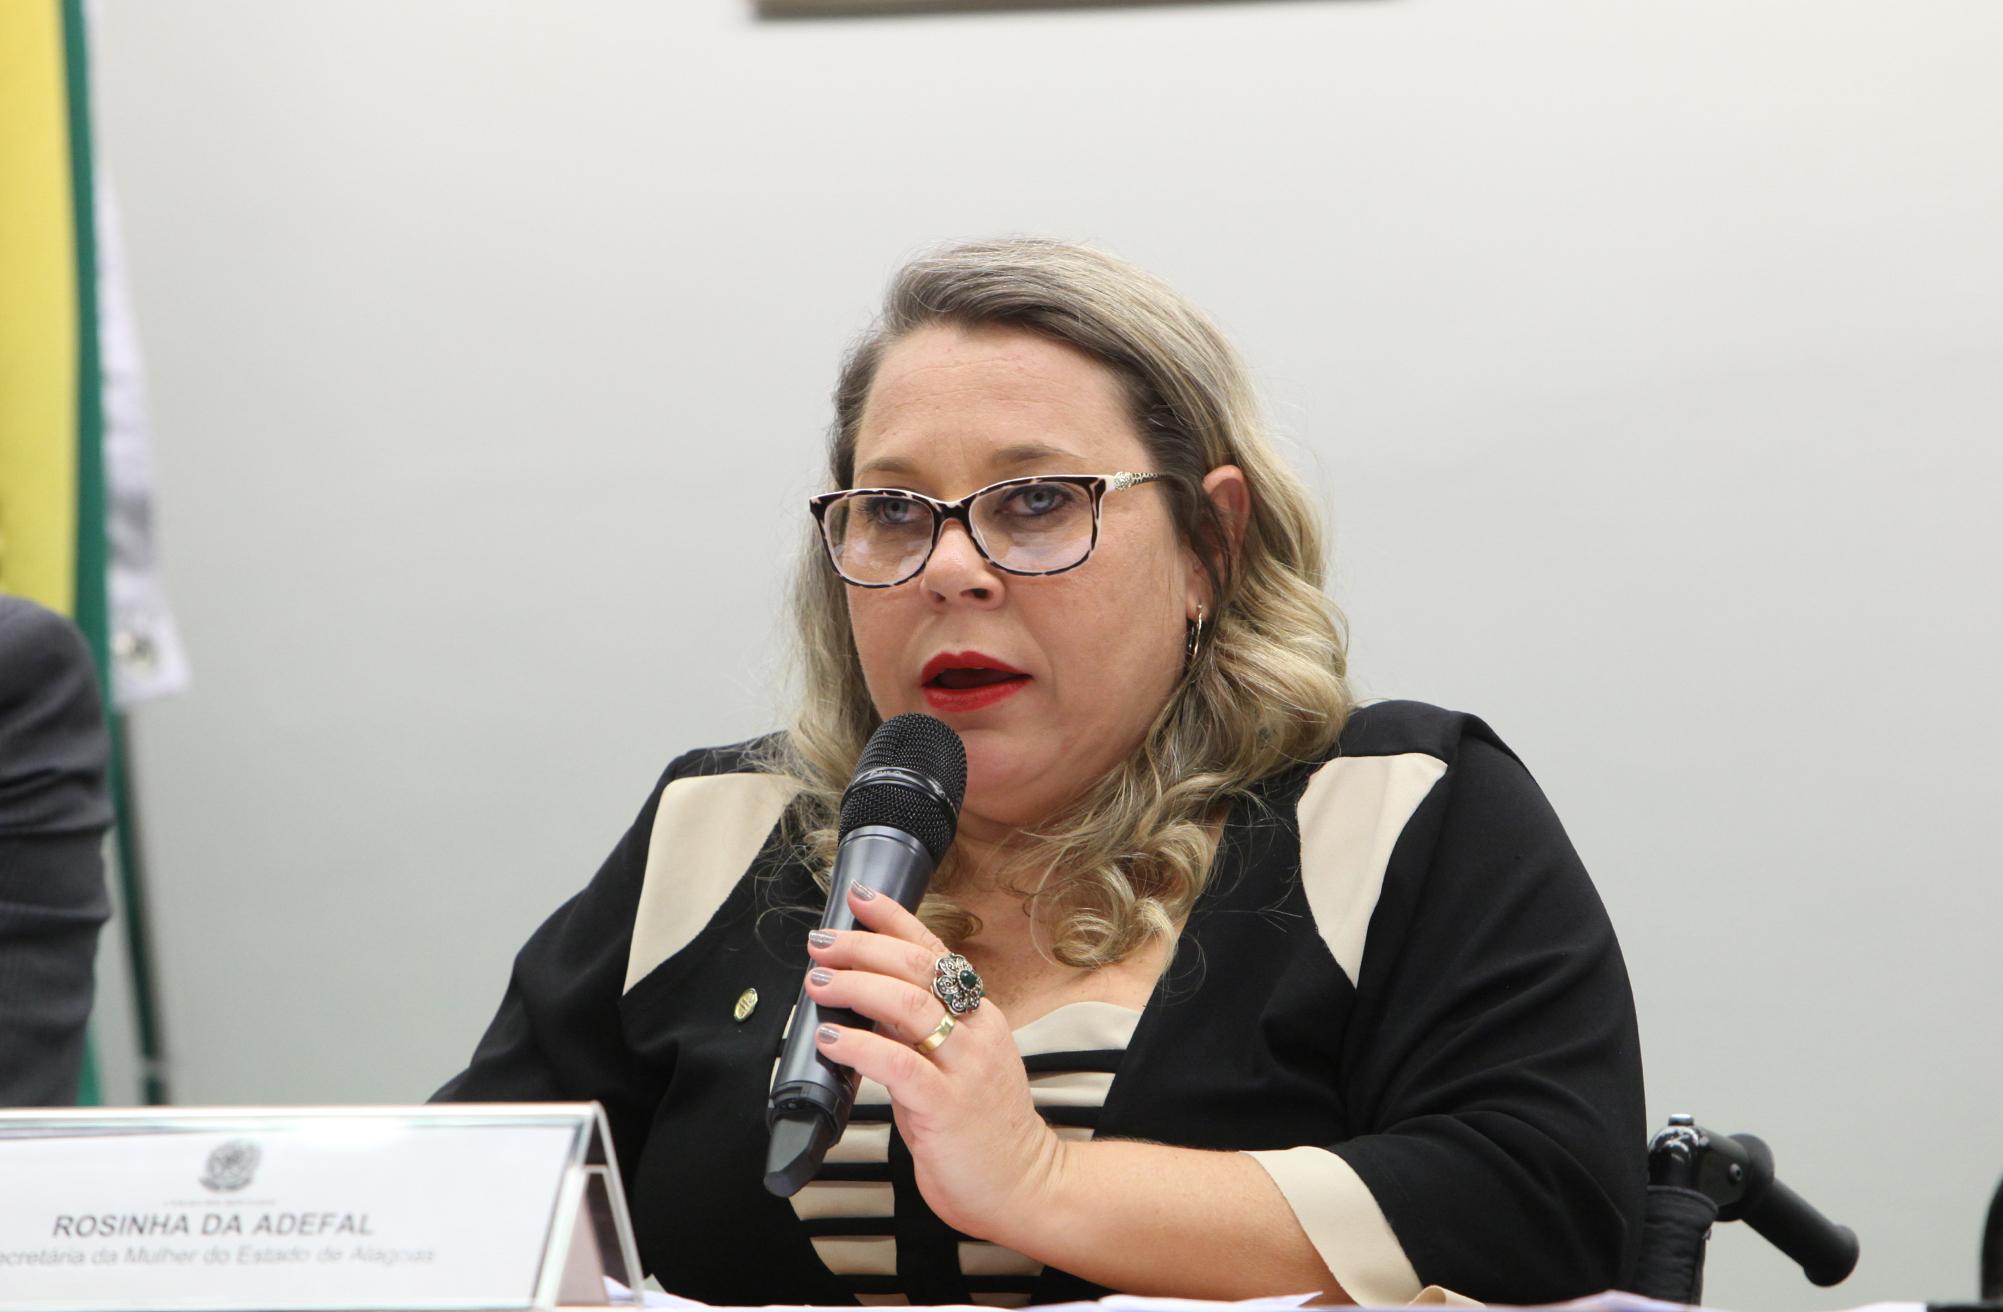 Audiência conjunta da Comissão de Defesa dos Direitos das Pessoas com Deficiência (CPD) e Secretaria da Mulher para discutir sobre mulheres com deficiência como resultado de violência. Secretária da Mulher do Estado de Alagoas, Rosinha da Adefal